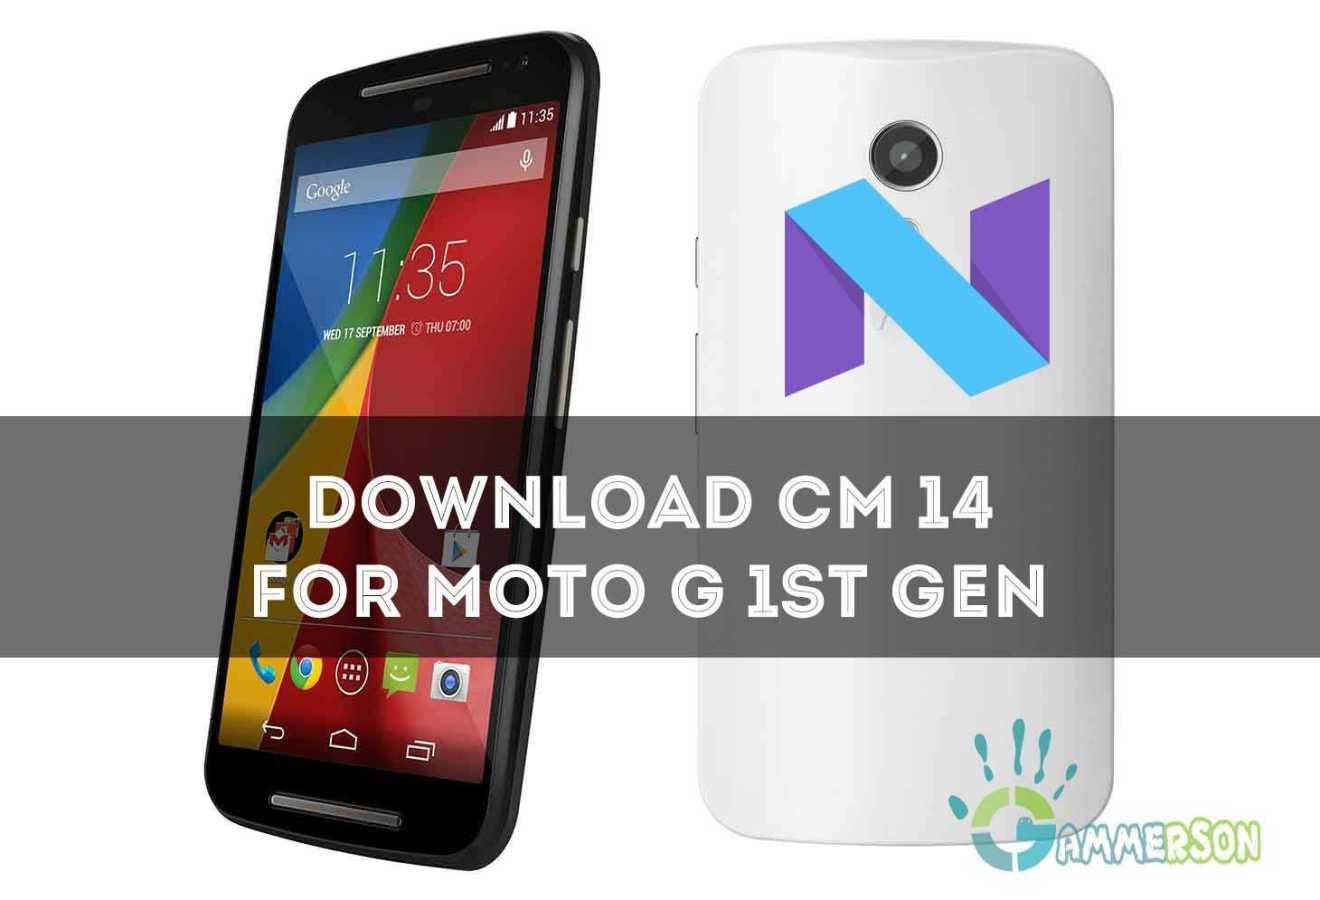 Moto-G-4G-1st-gen-XT1039-cm14-rom-nougat.jpg